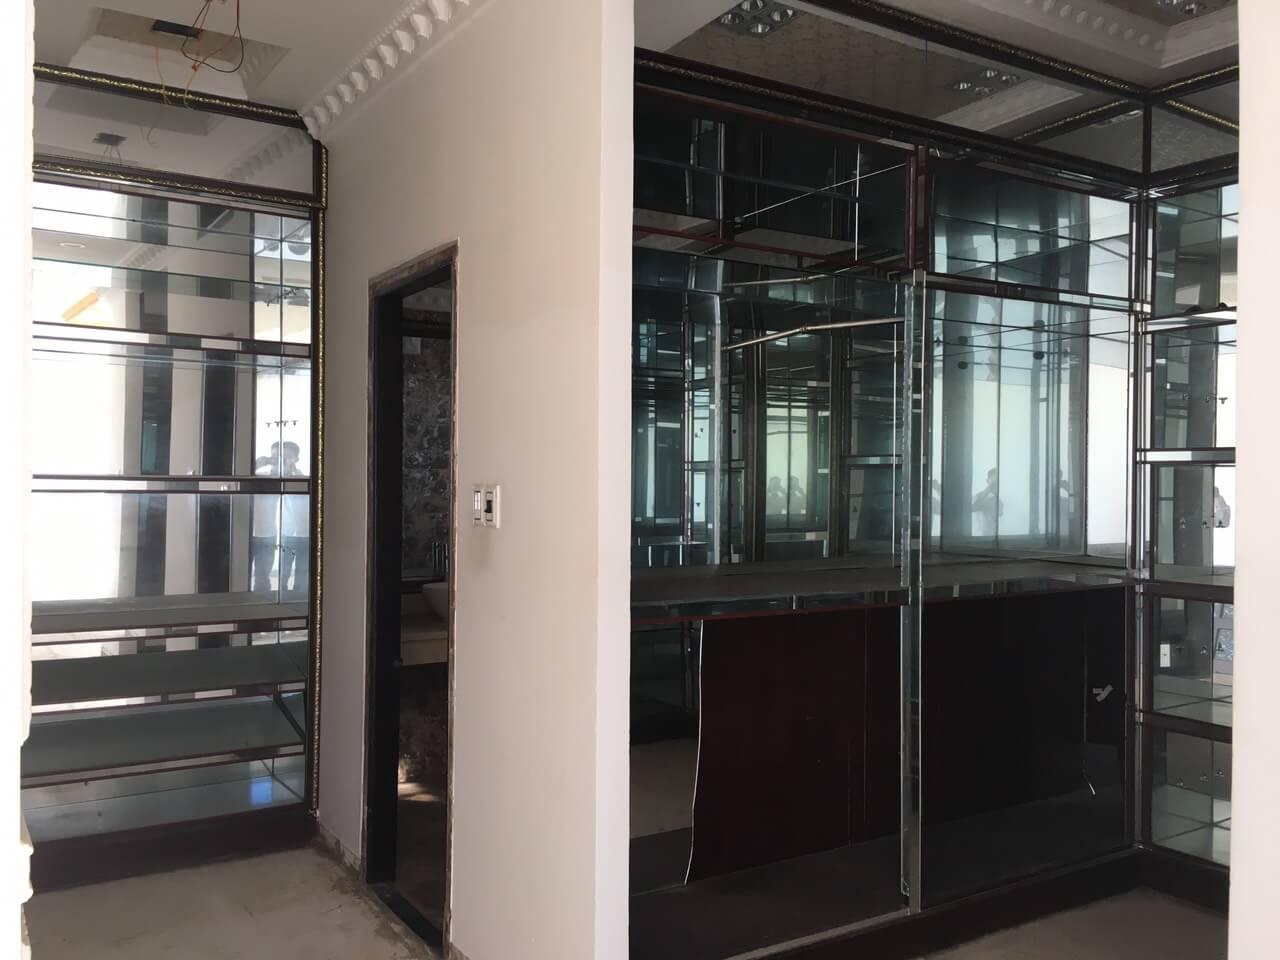 hình ảnh tầng 2 tòa nhà cho thuê Tp Đà Nẵng